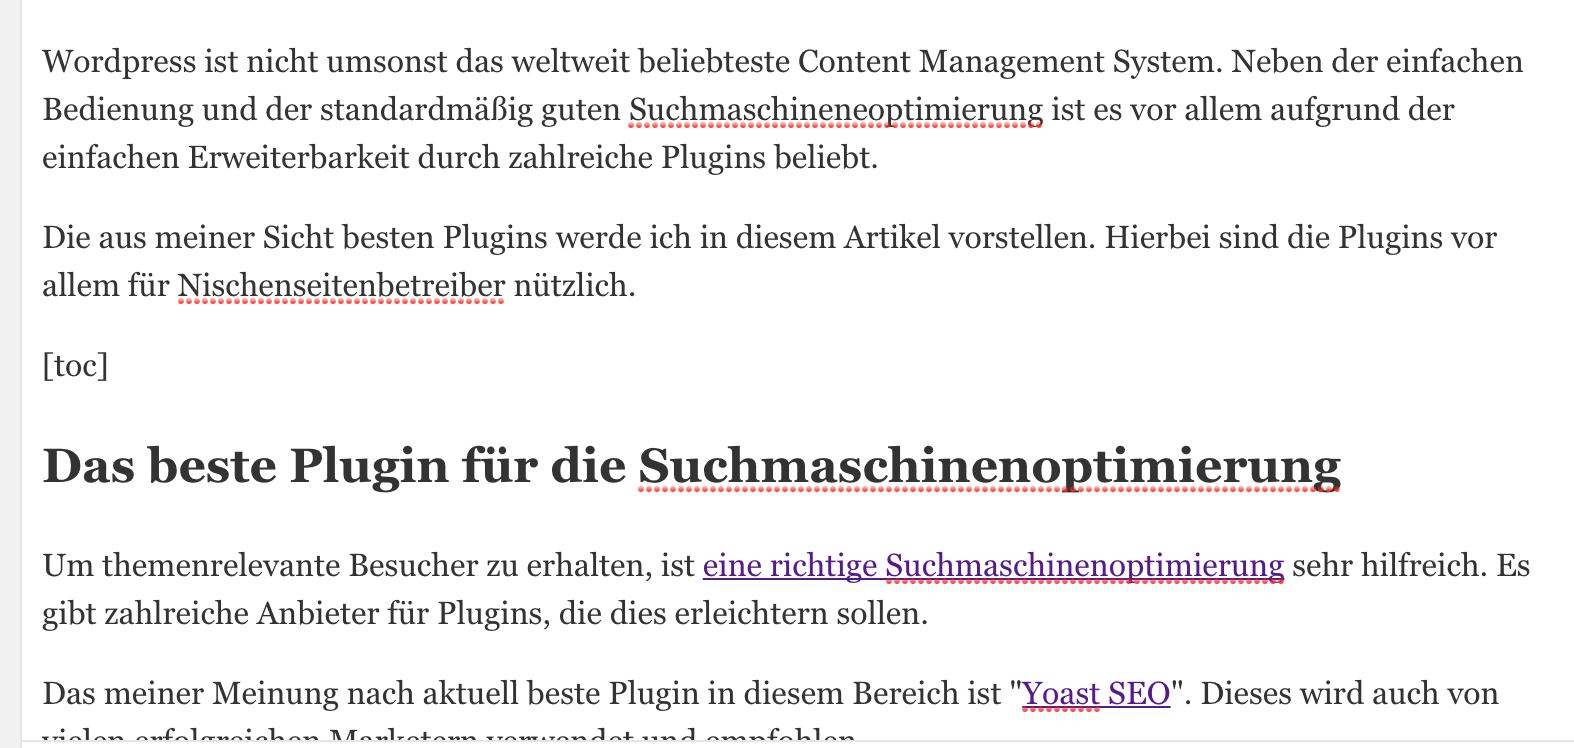 """Inhaltsverzeichnis mit """"Table of Contents Plus"""" einfügen"""